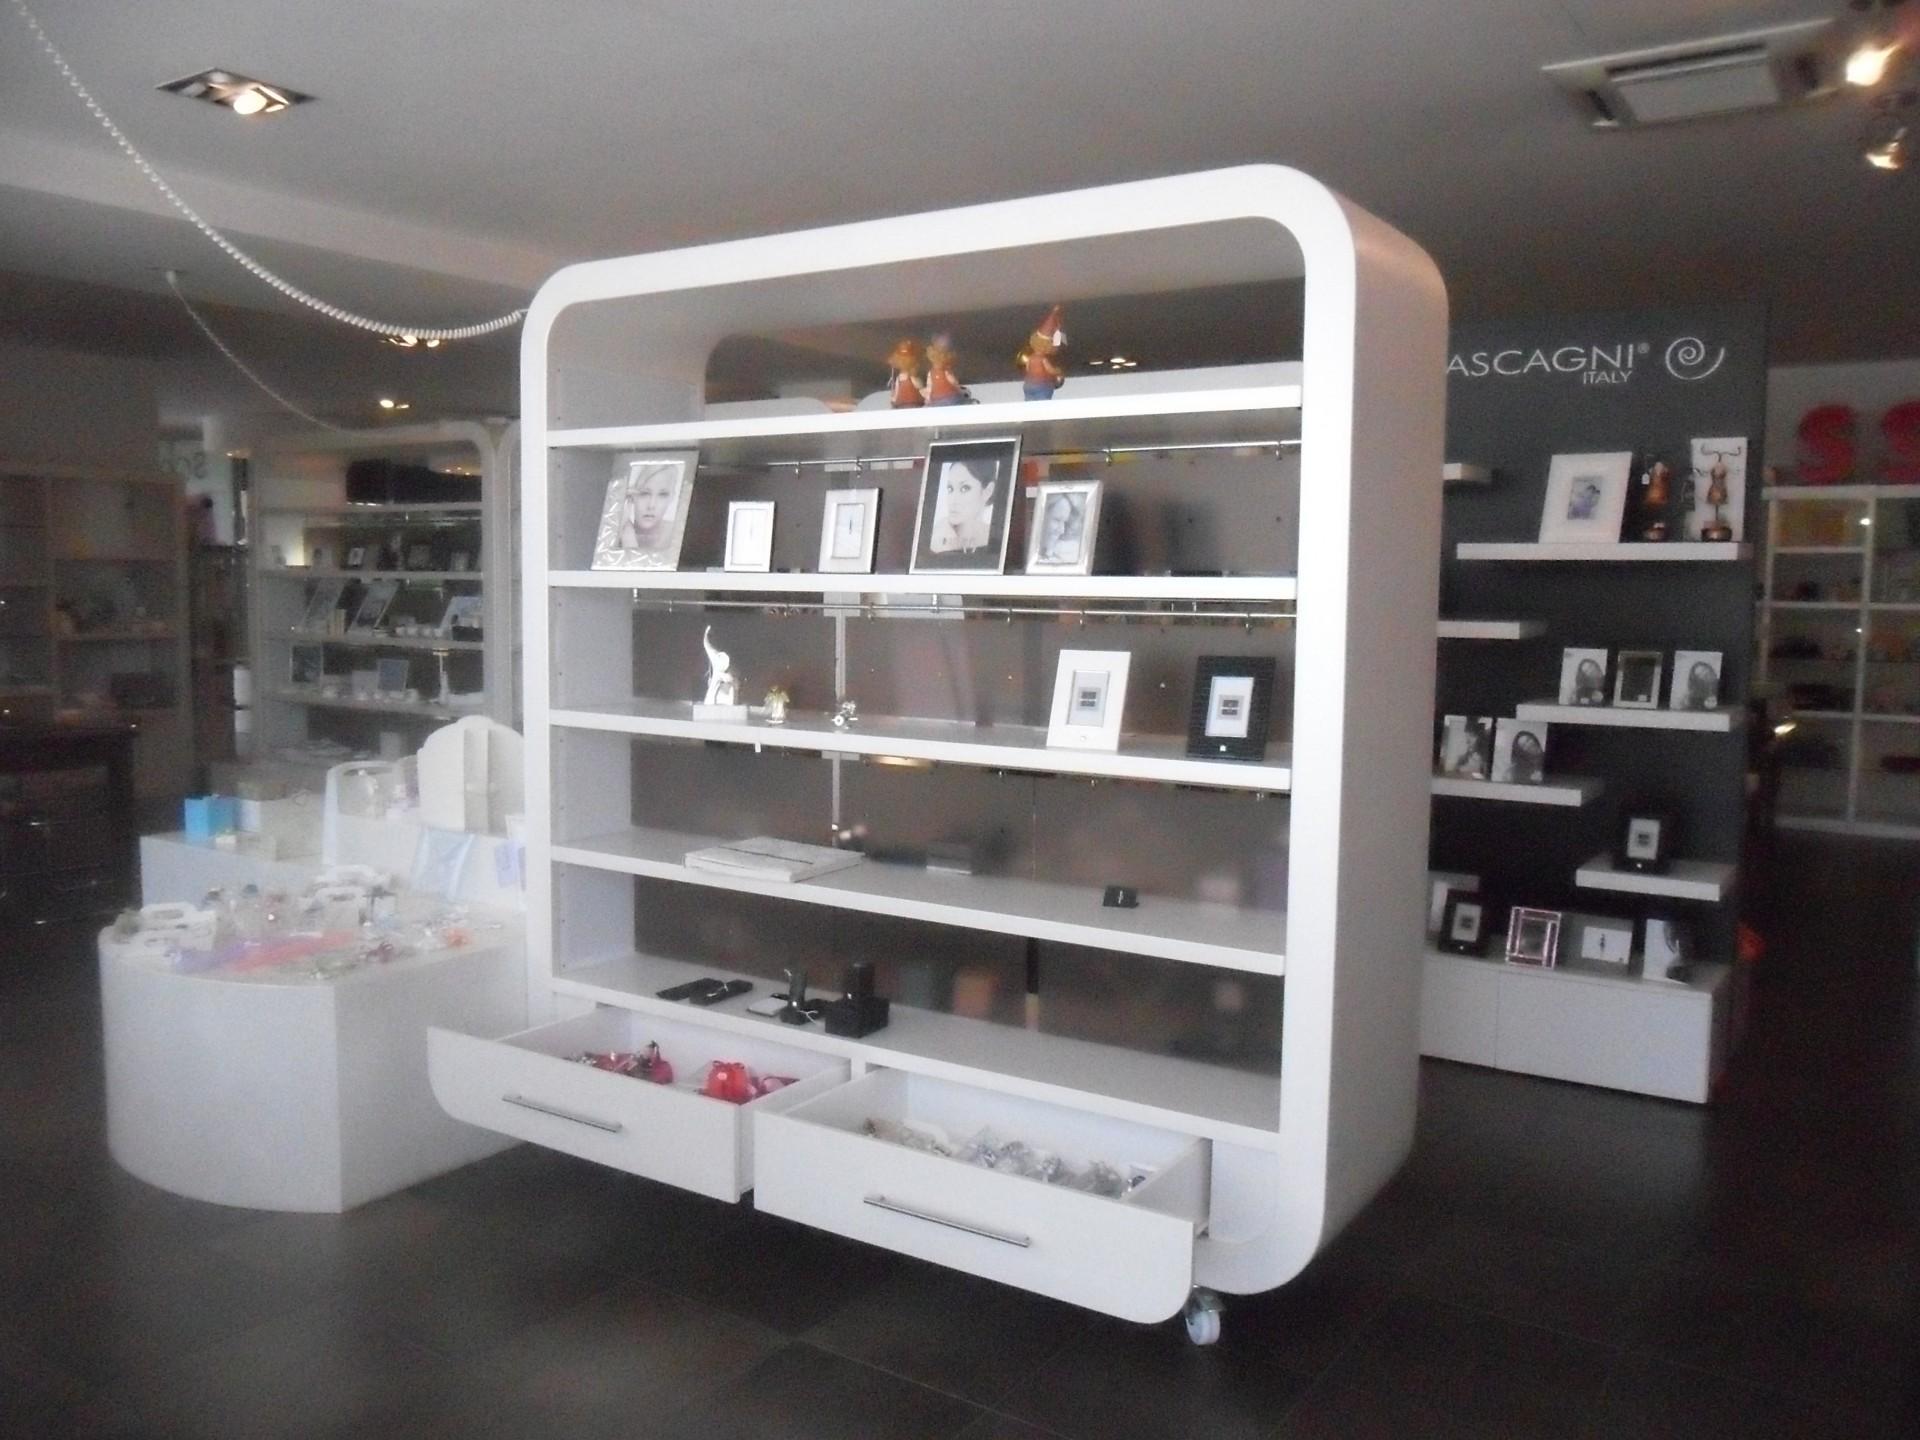 Progettazione arredamenti su misura fadini mobili cerea for Arredamento negozi milano